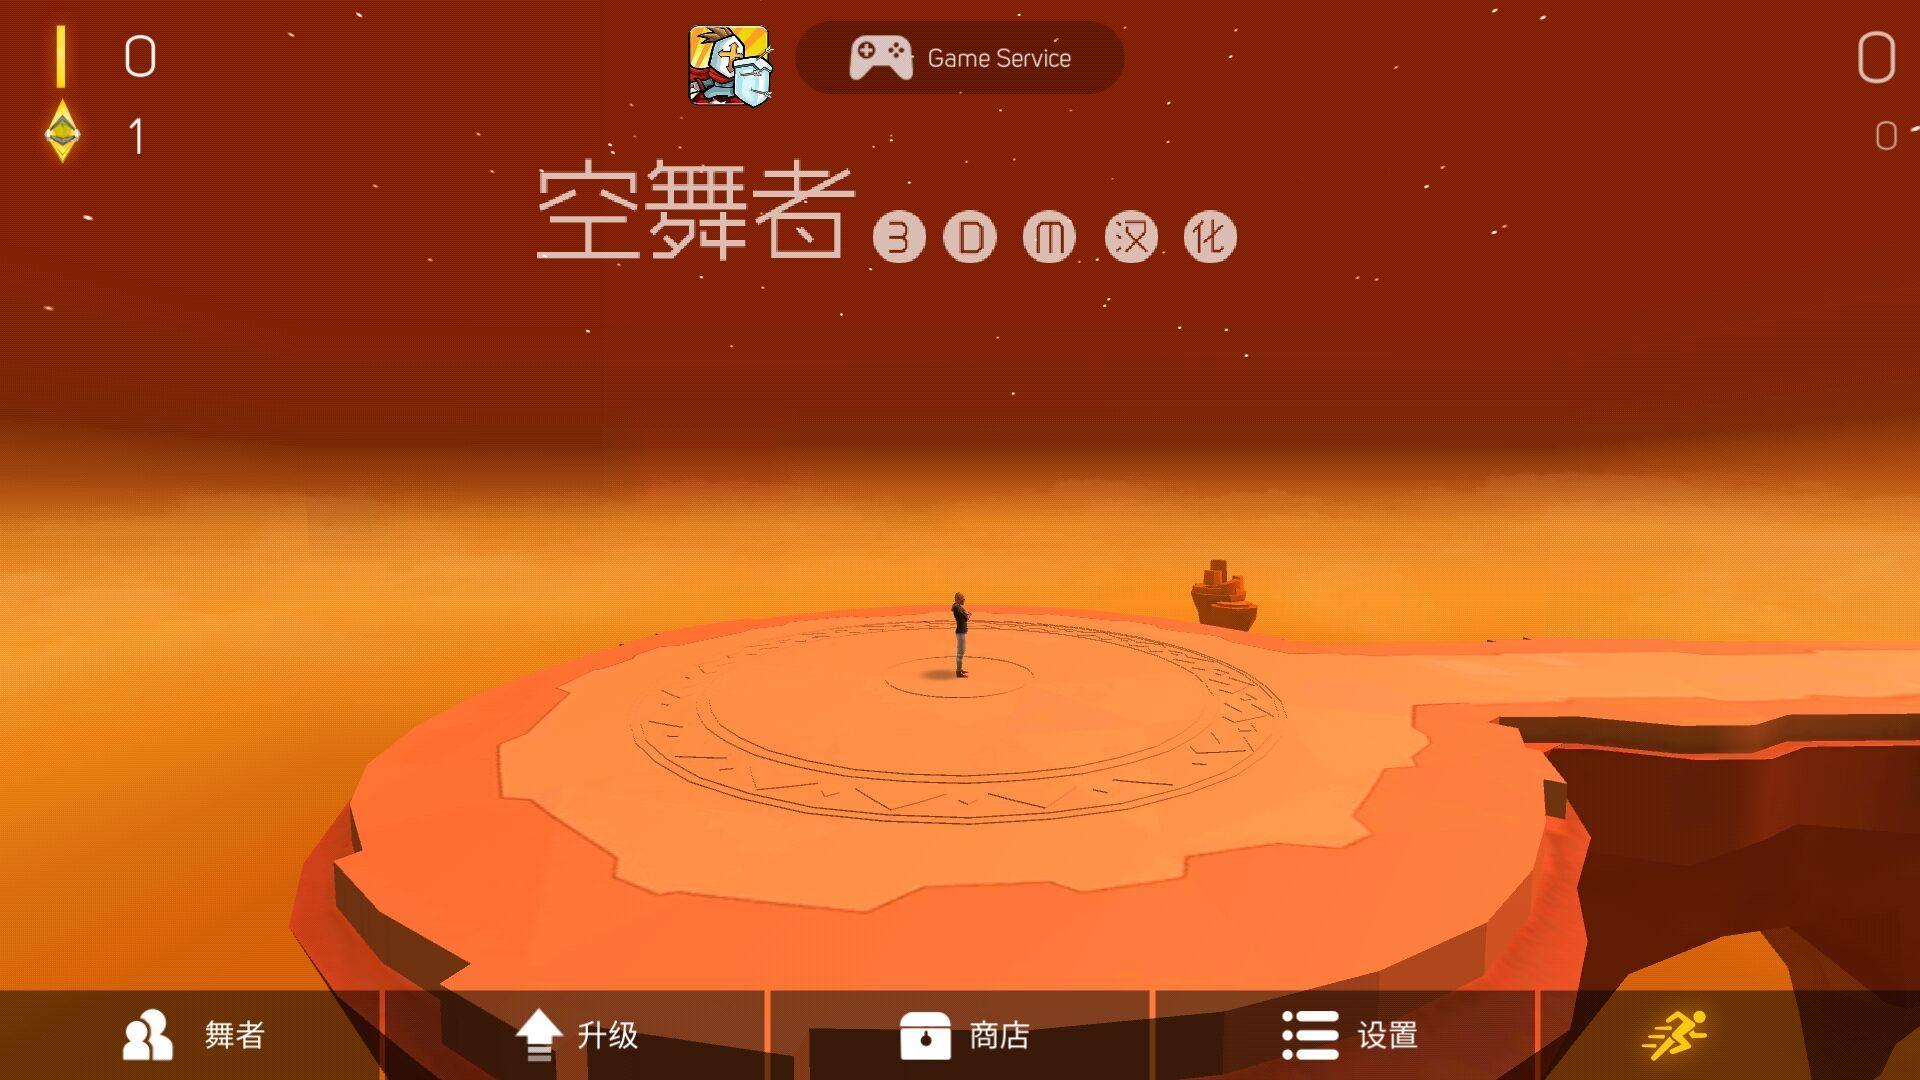 空中舞者3.4.2最新版无限金币内购修改版(Sky Dancer)图片1